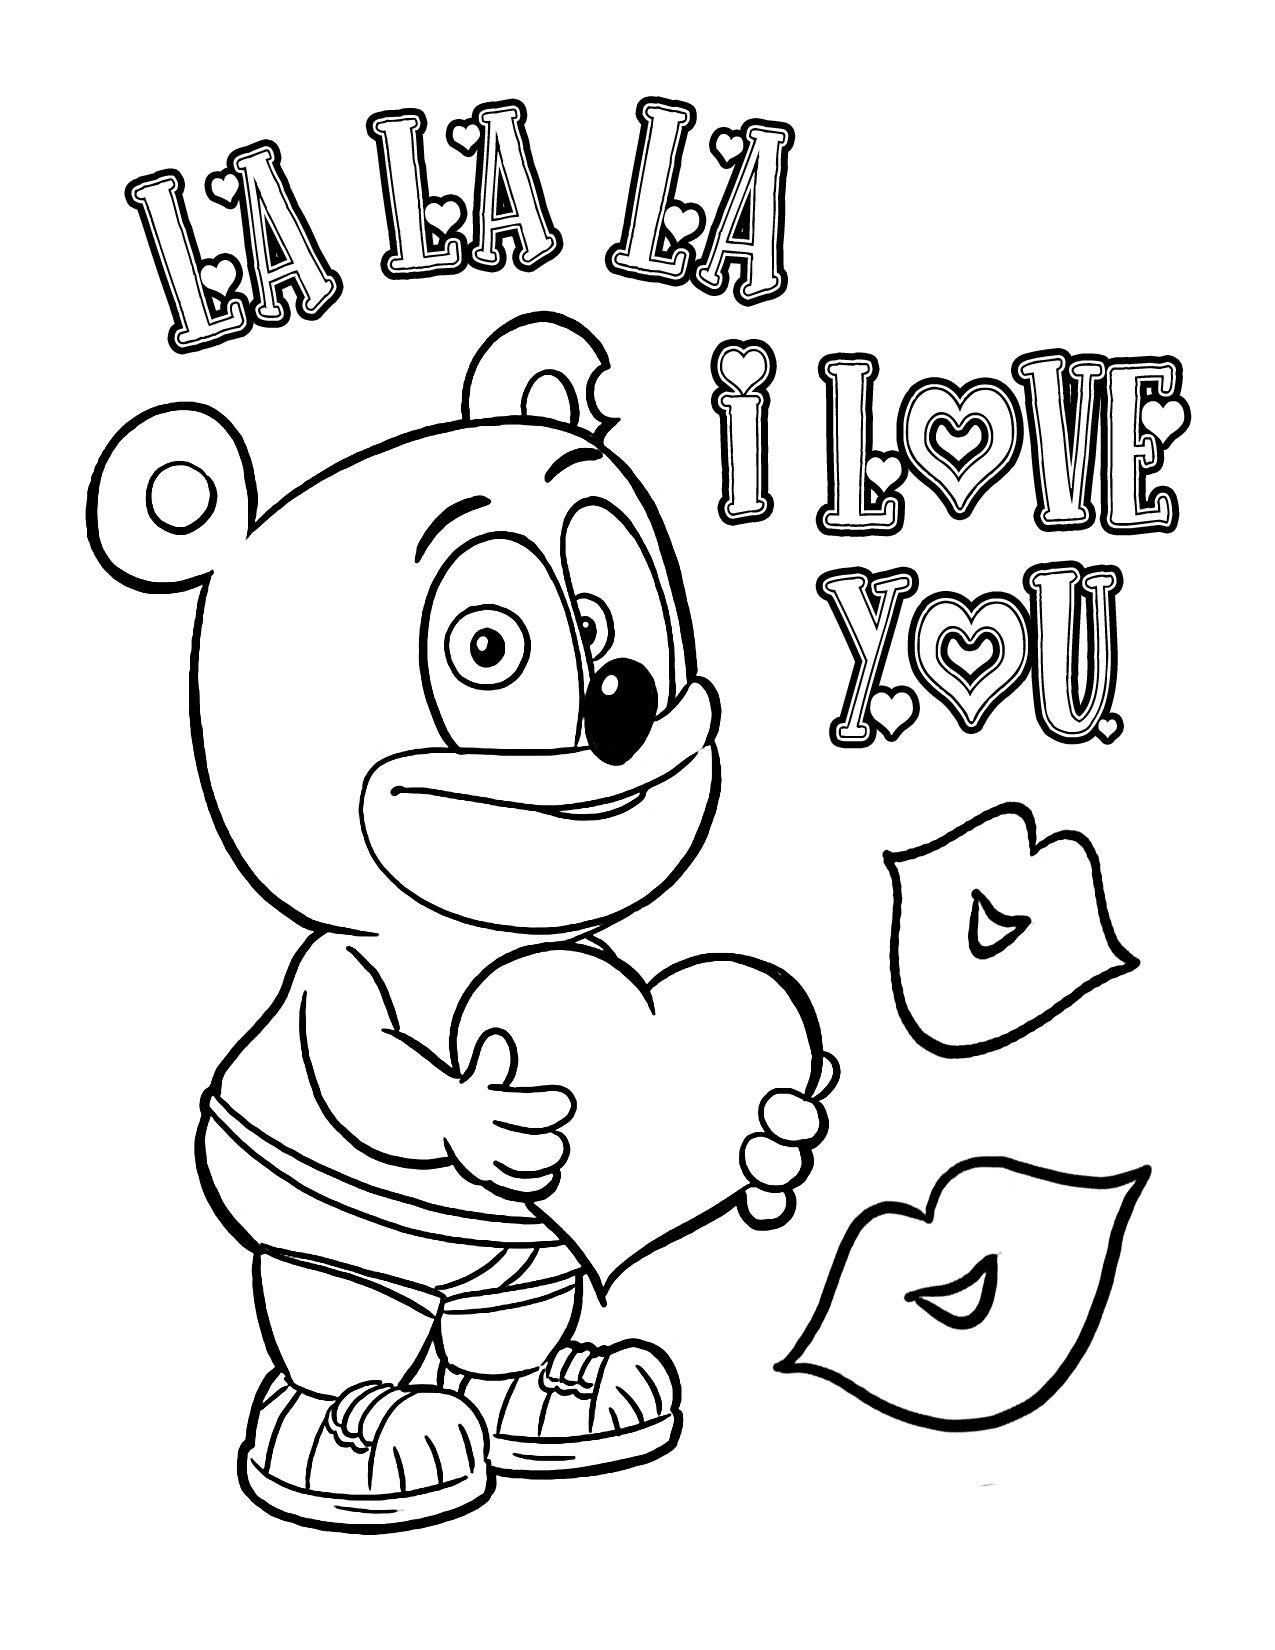 kolorowanki dla dzieci gummy bear - Szukaj w Google | malowanki dla ...